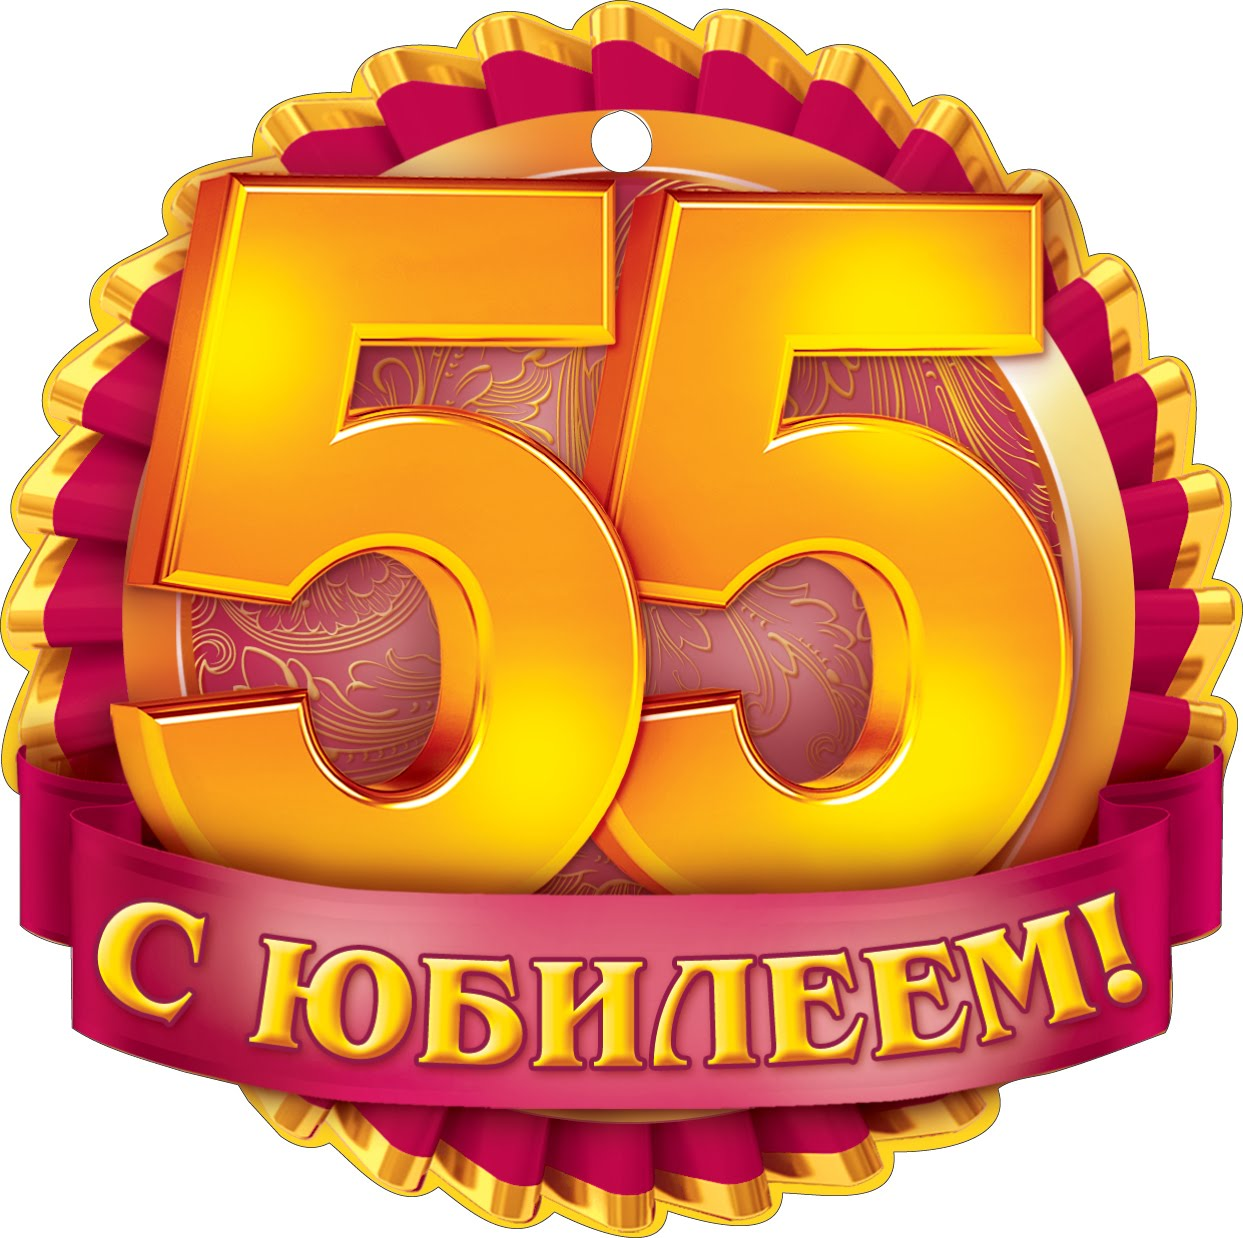 Поздравления к юбилейным датам для женщин